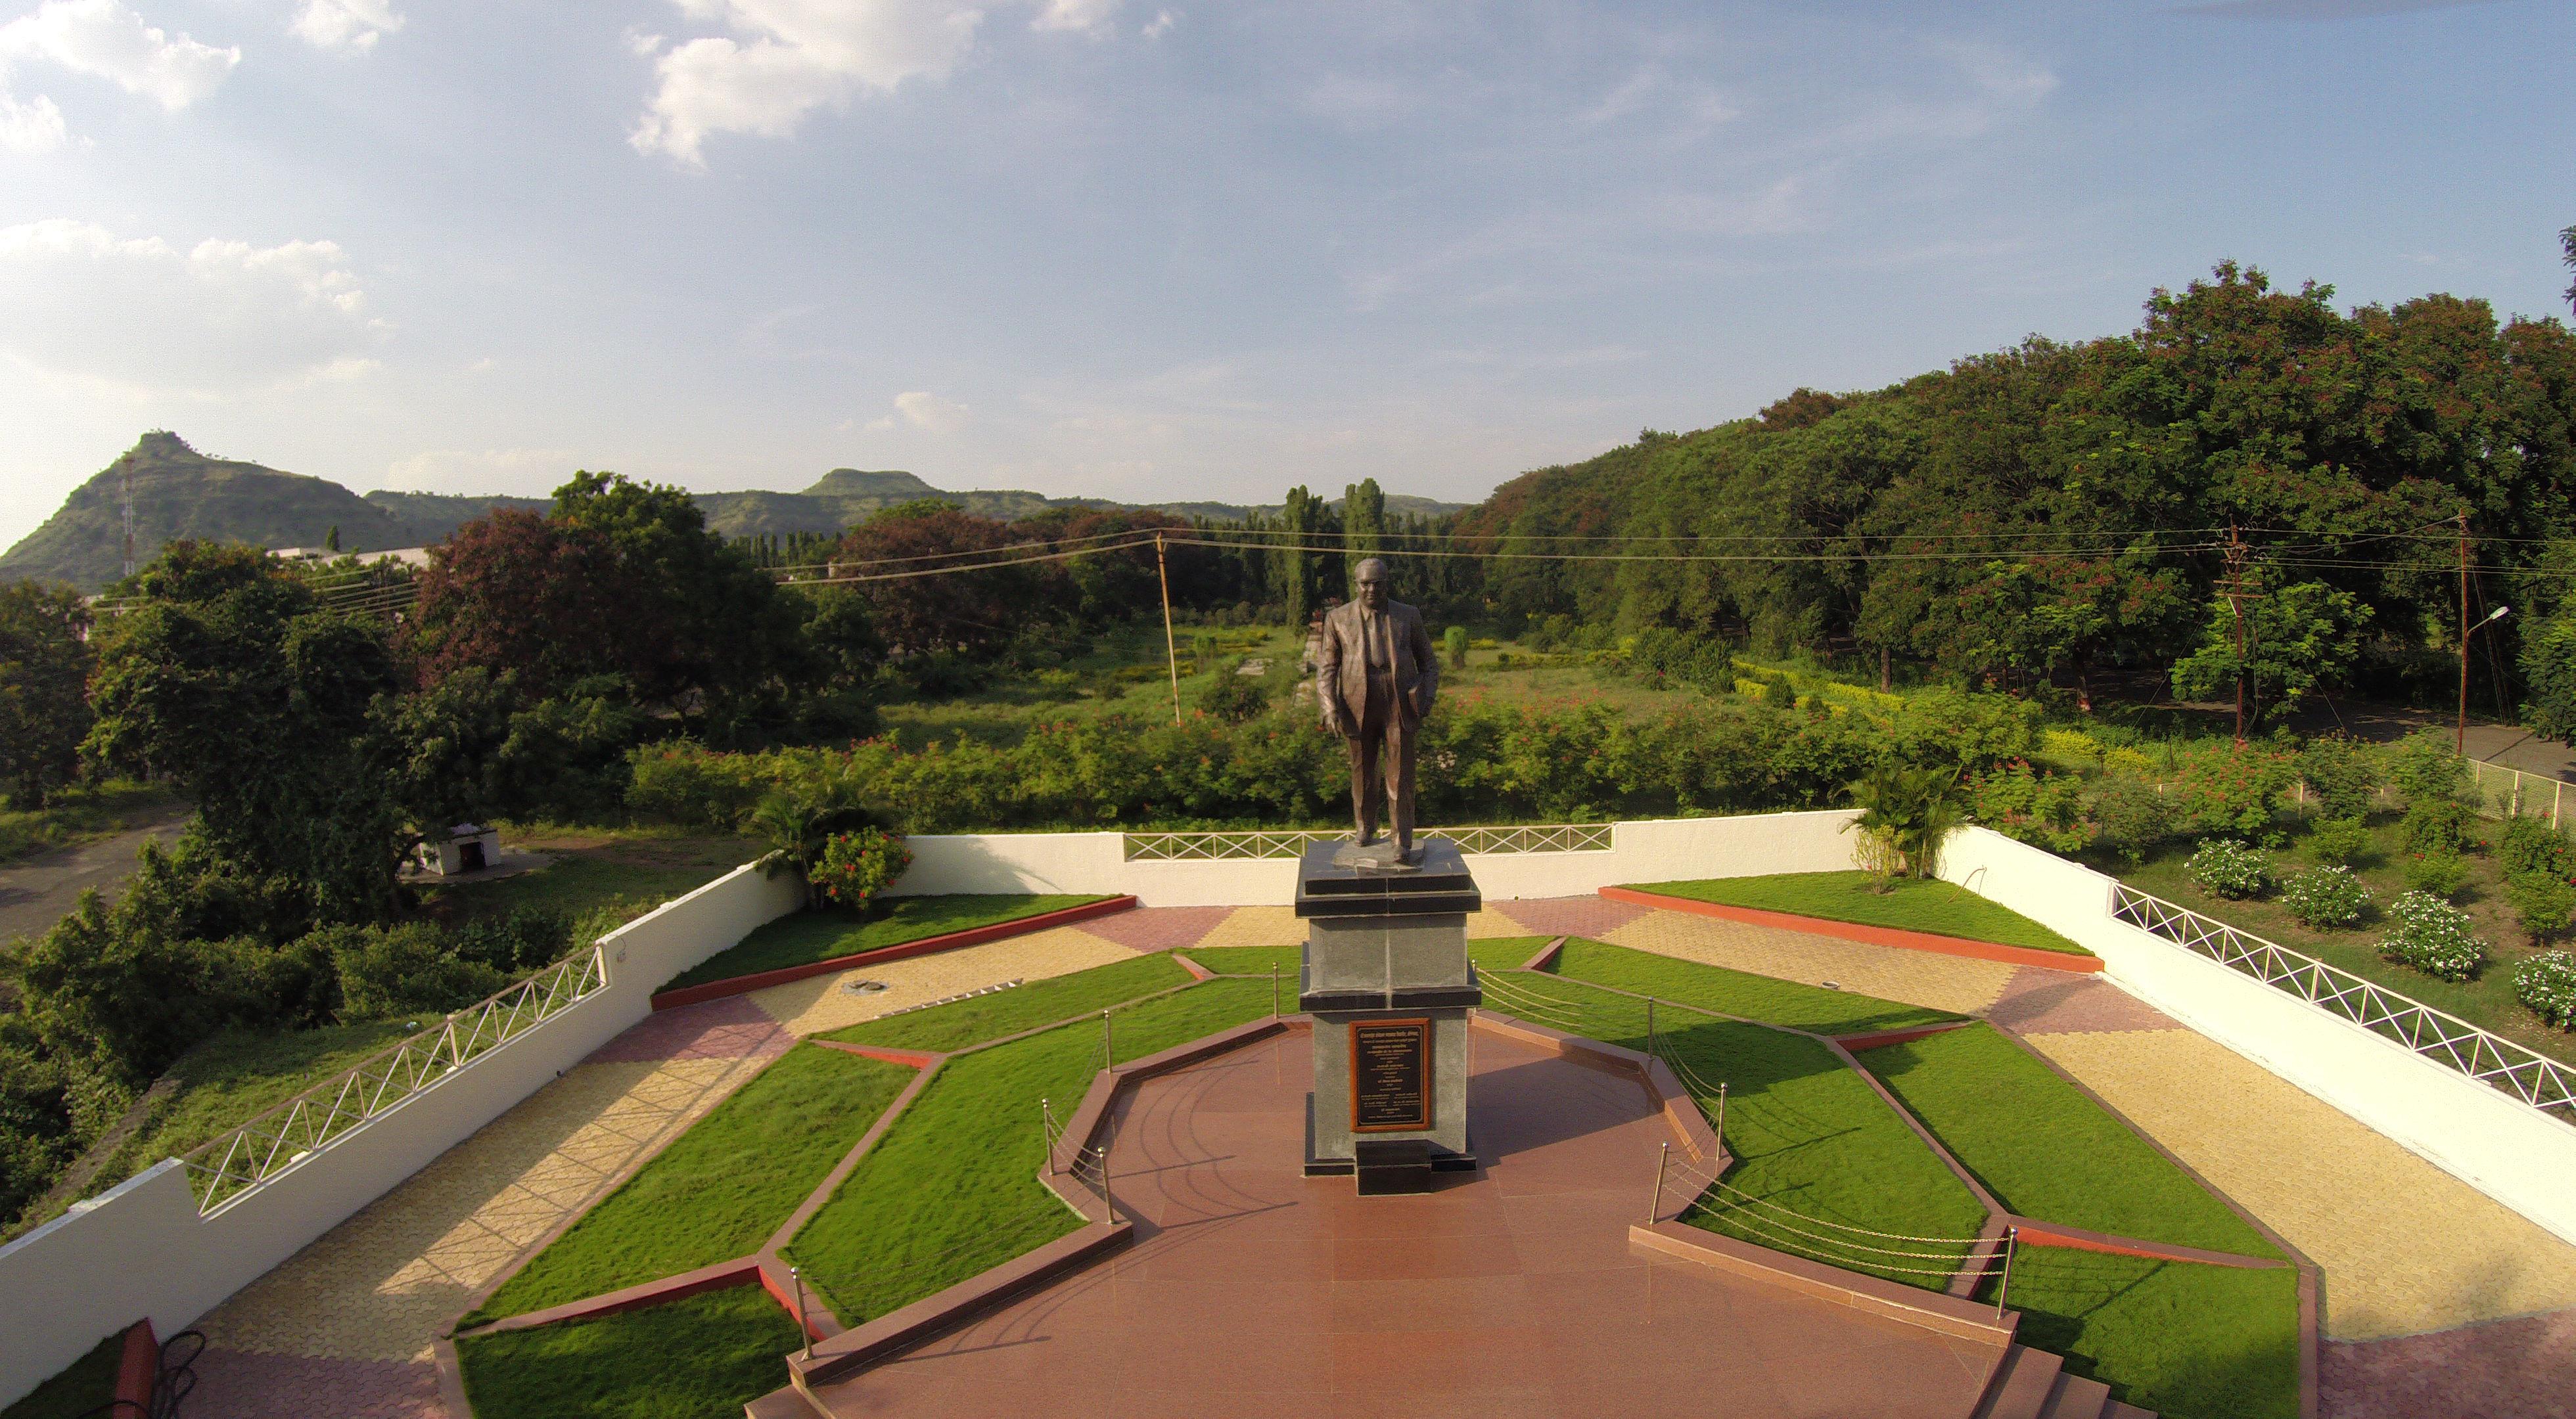 Dr Babasaheb Ambedkar Marathwada University (BAMU) Aurangabad